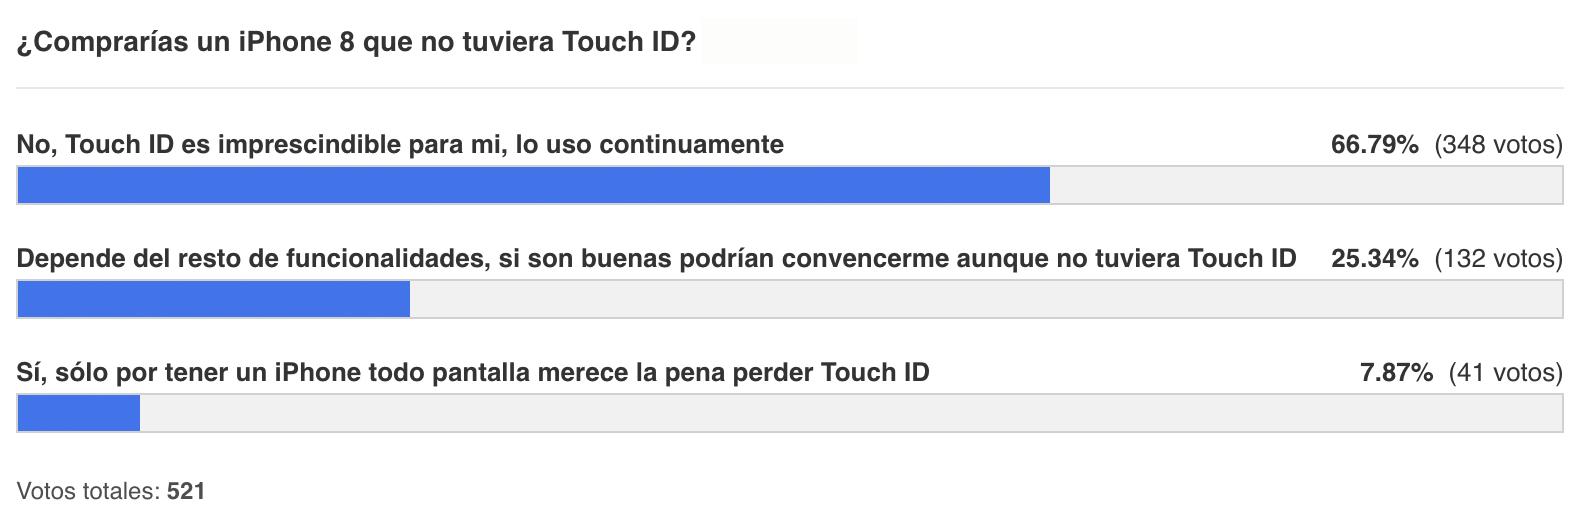 Resultado de la encuesta sobre Touch ID